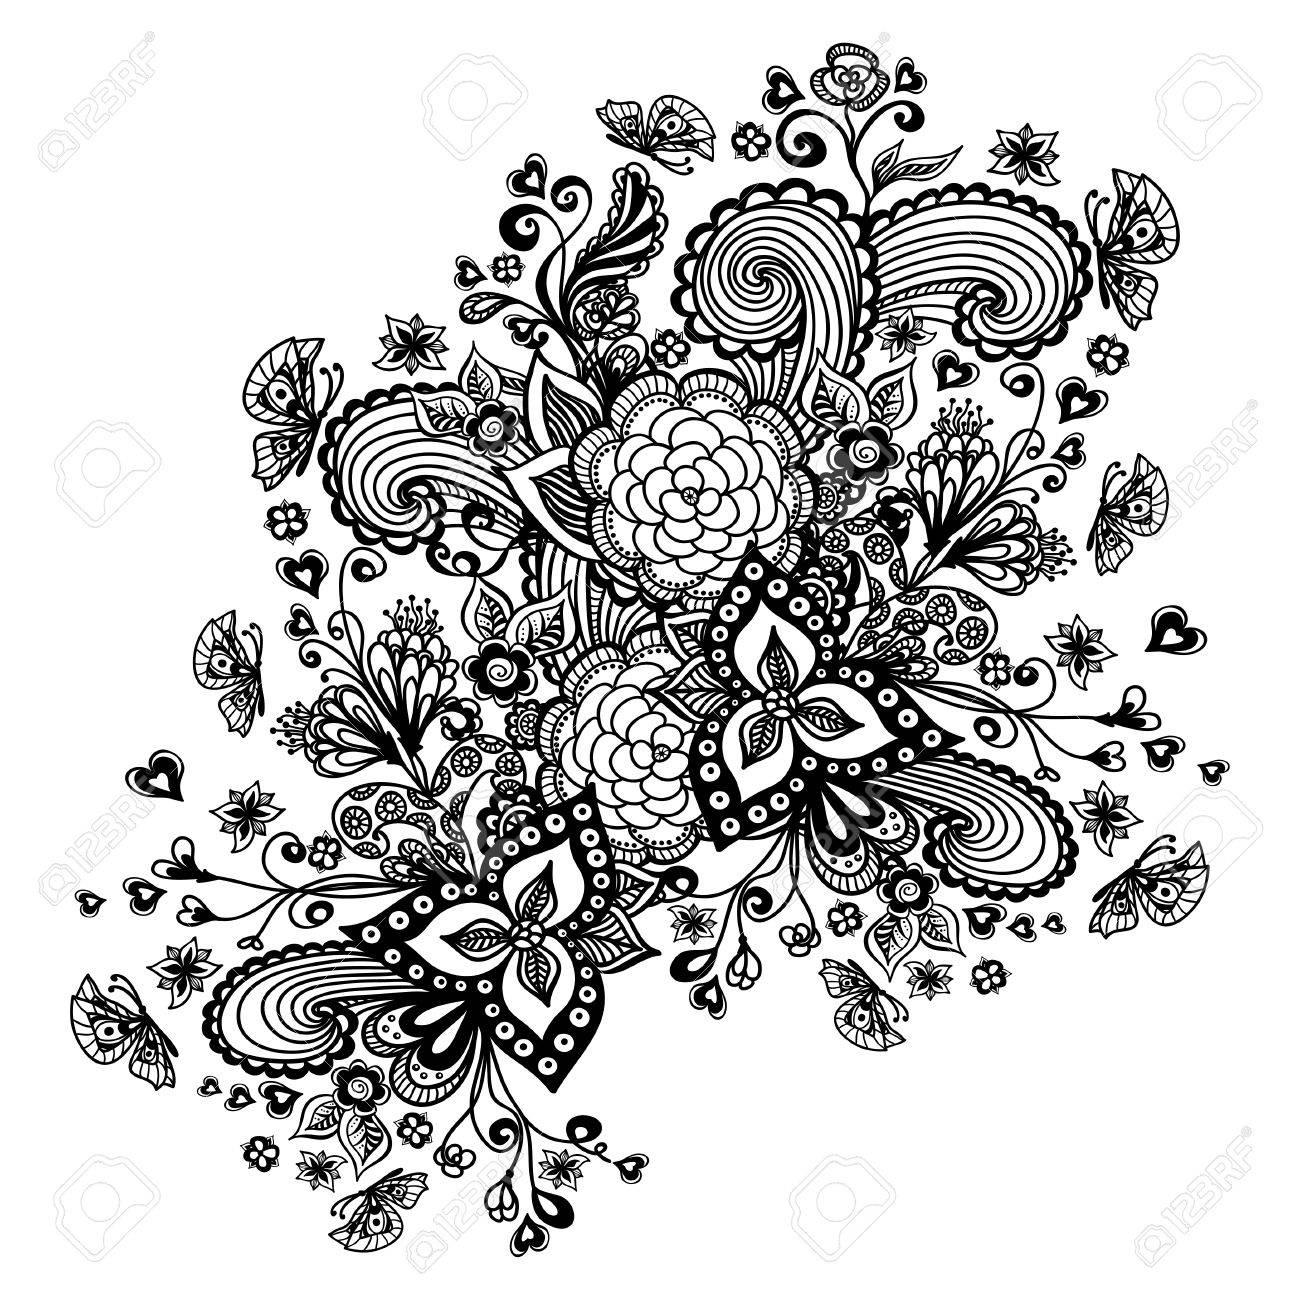 Zen Doodle Fondo O Patrón Con Flores Mariposas Corazones Negro En